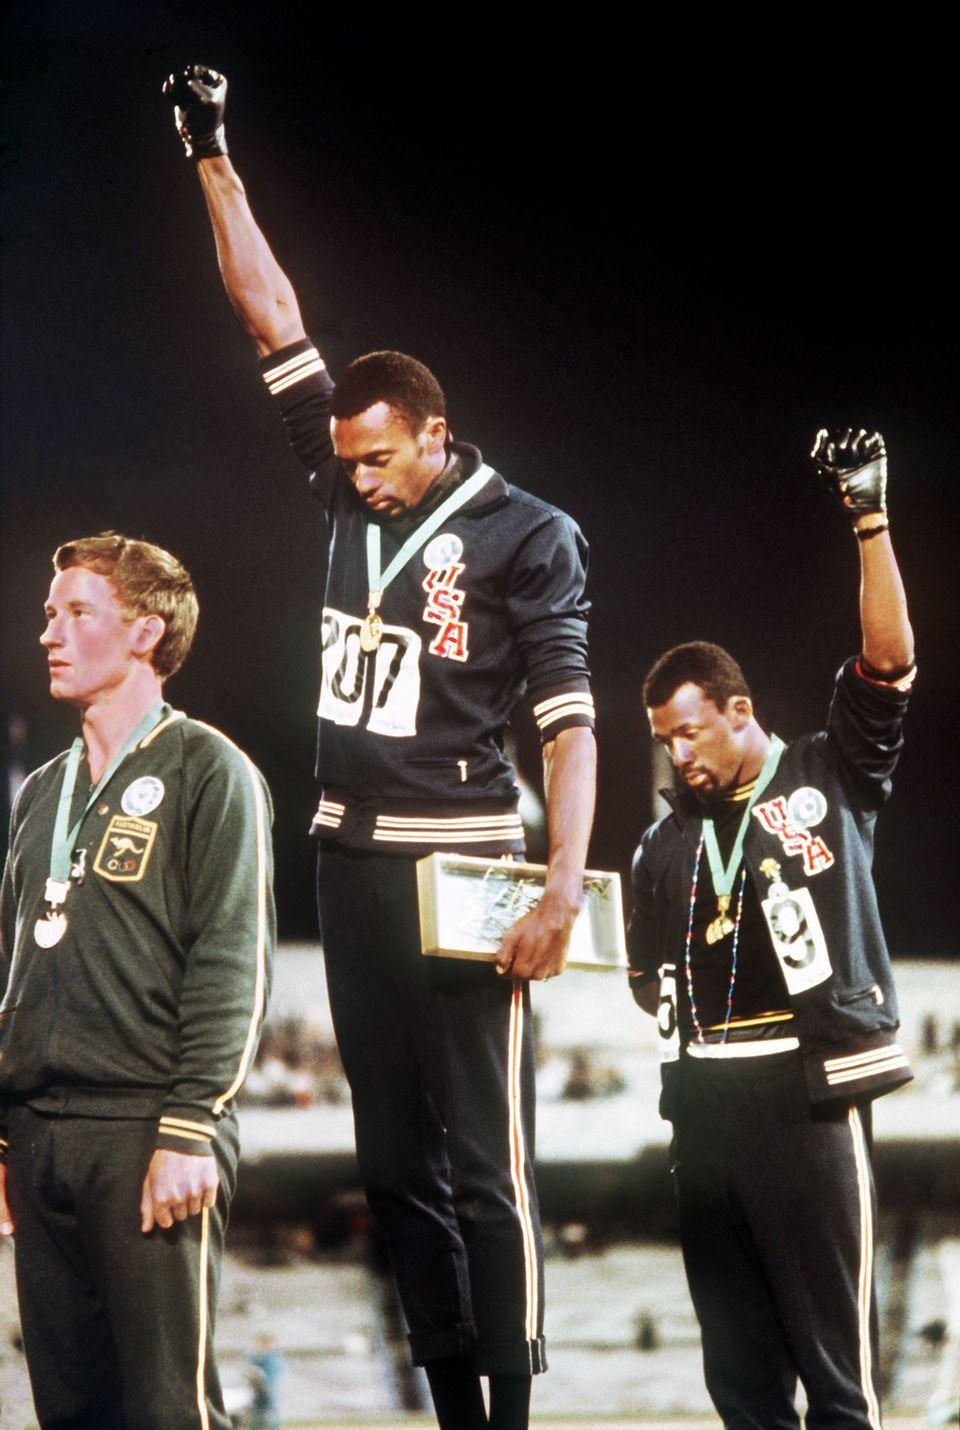 """Tommie Smith (M., Goldmedaille) und John Carlos (r.,Bronzemedaille) mit hochgereckter geballter Faust in schwarzem Handschuh für die """"Black Power""""-Bewegung. Links der Gewinner der Silbermedaille, der Australier Peter Norman."""